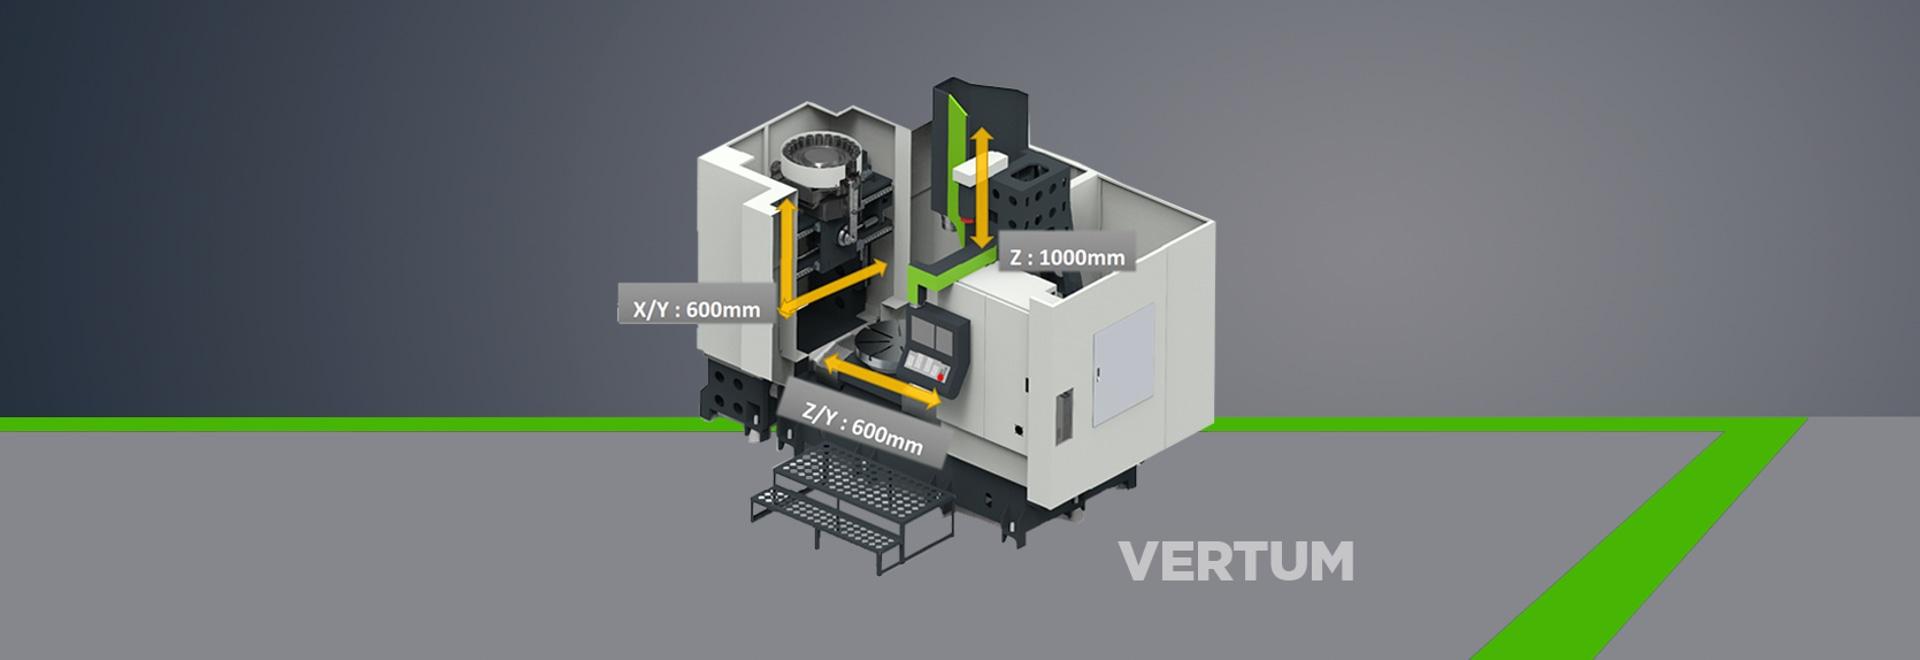 VERTUM stellt einen neuen Standard für das Mehrere Dinge gleichzeitig tun der maschineller Bearbeitung der Flansch-/VentilMaschinenwerkstätten ein